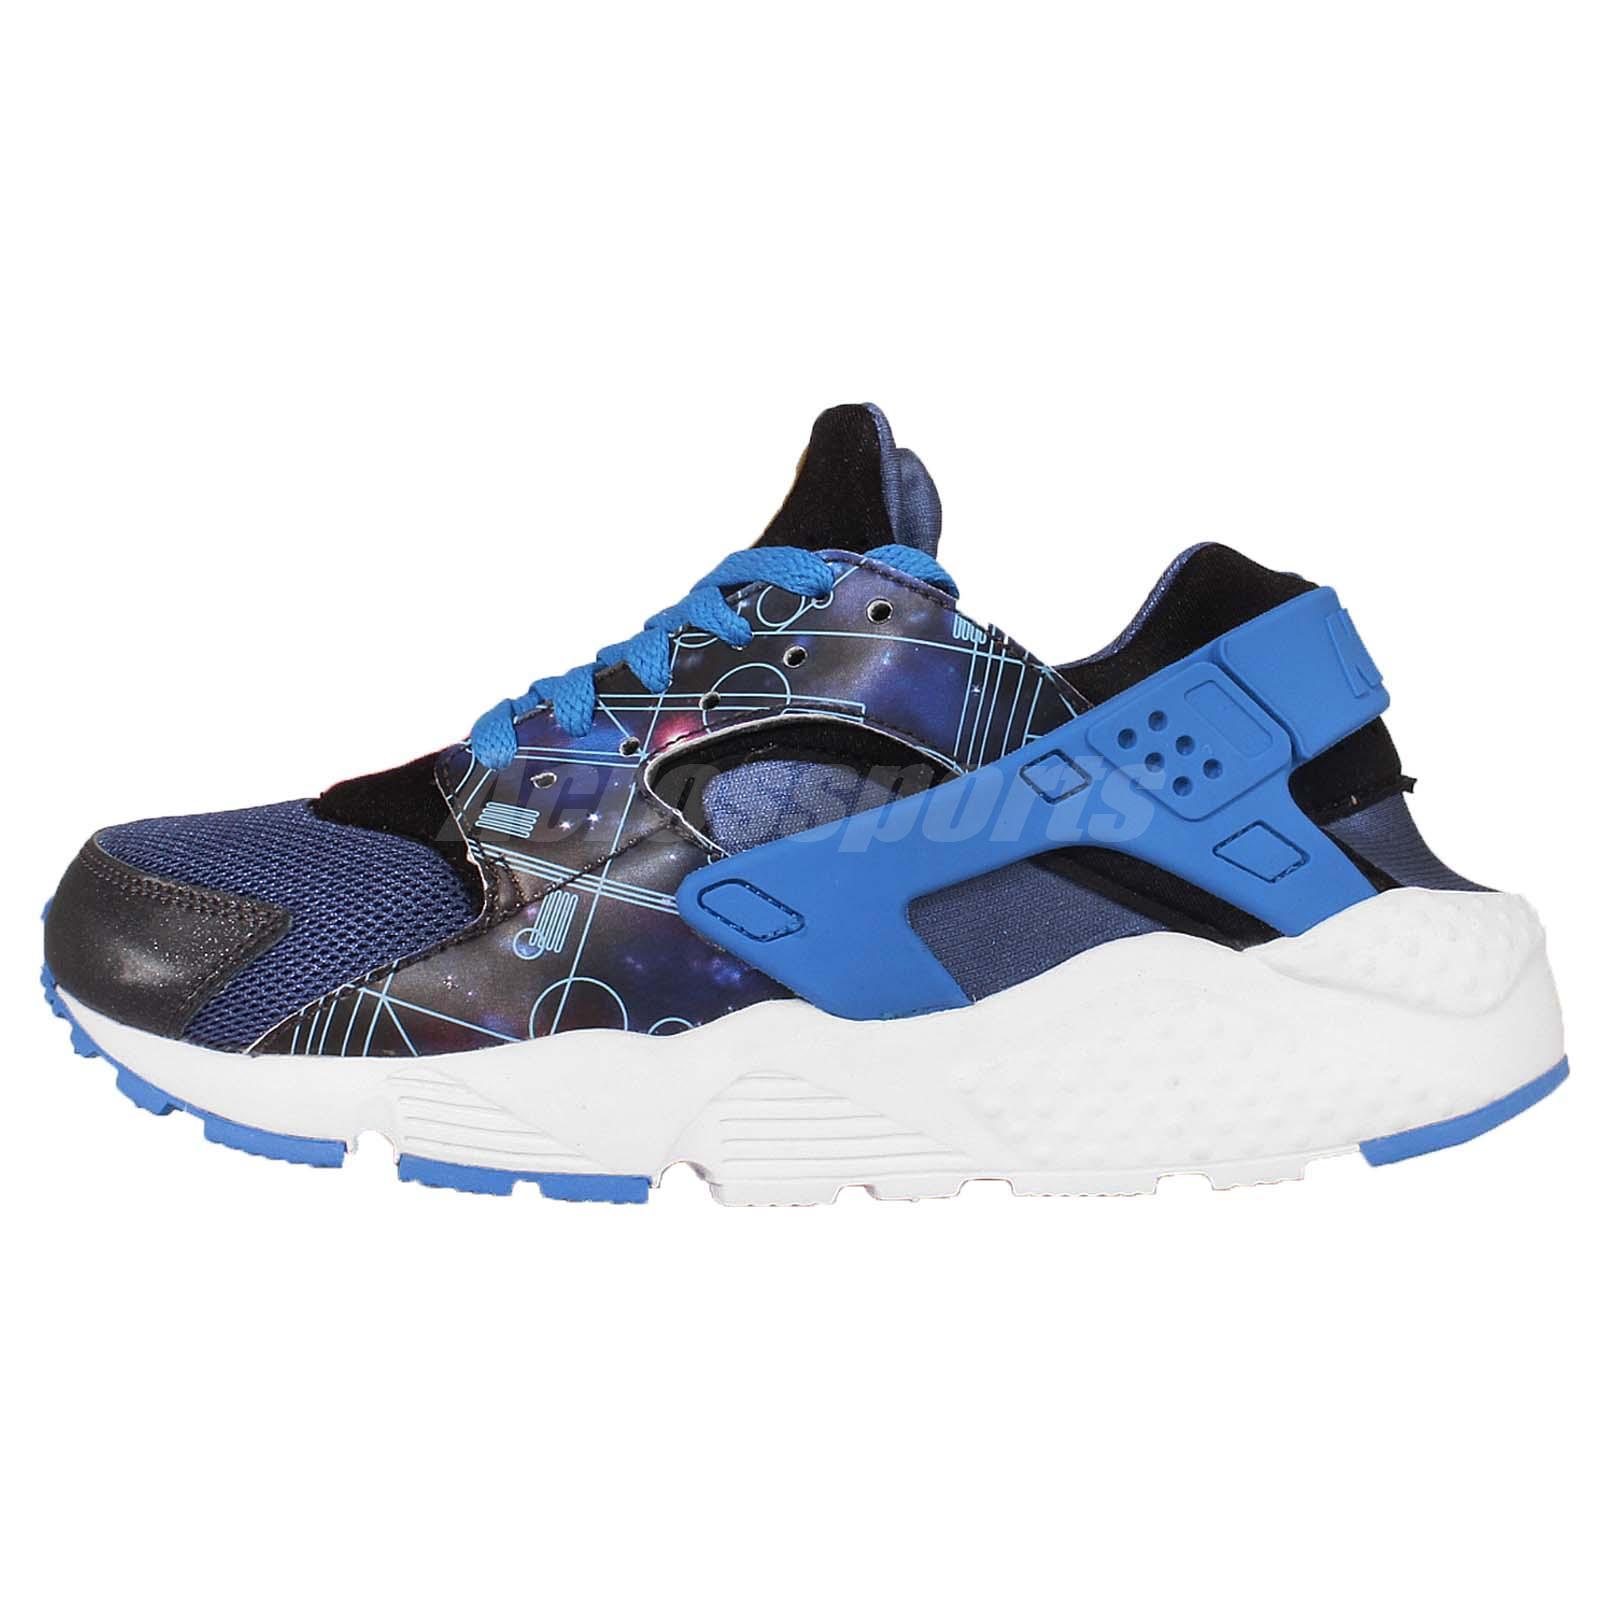 Nike Huarache Running Shoes